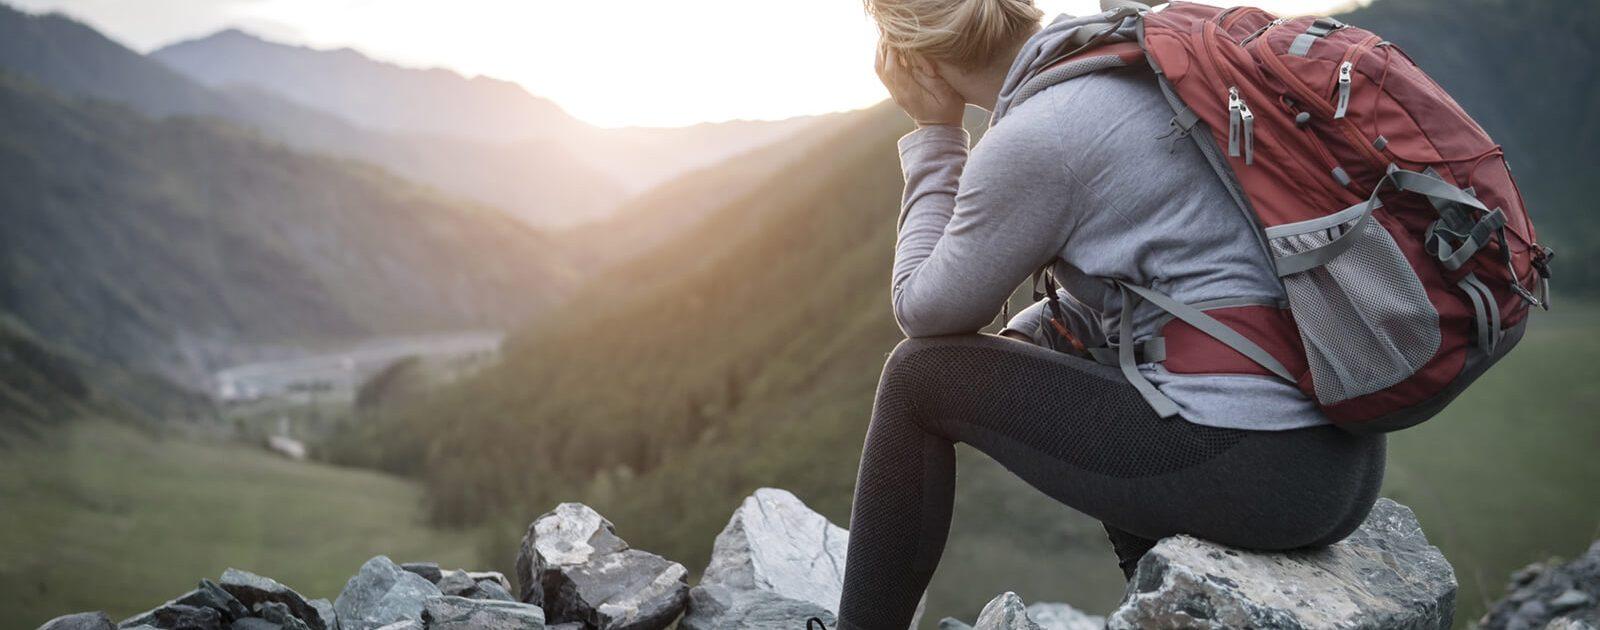 Frau mit Hämorrhoiden sitzt auf kalten Stein in den Bergen